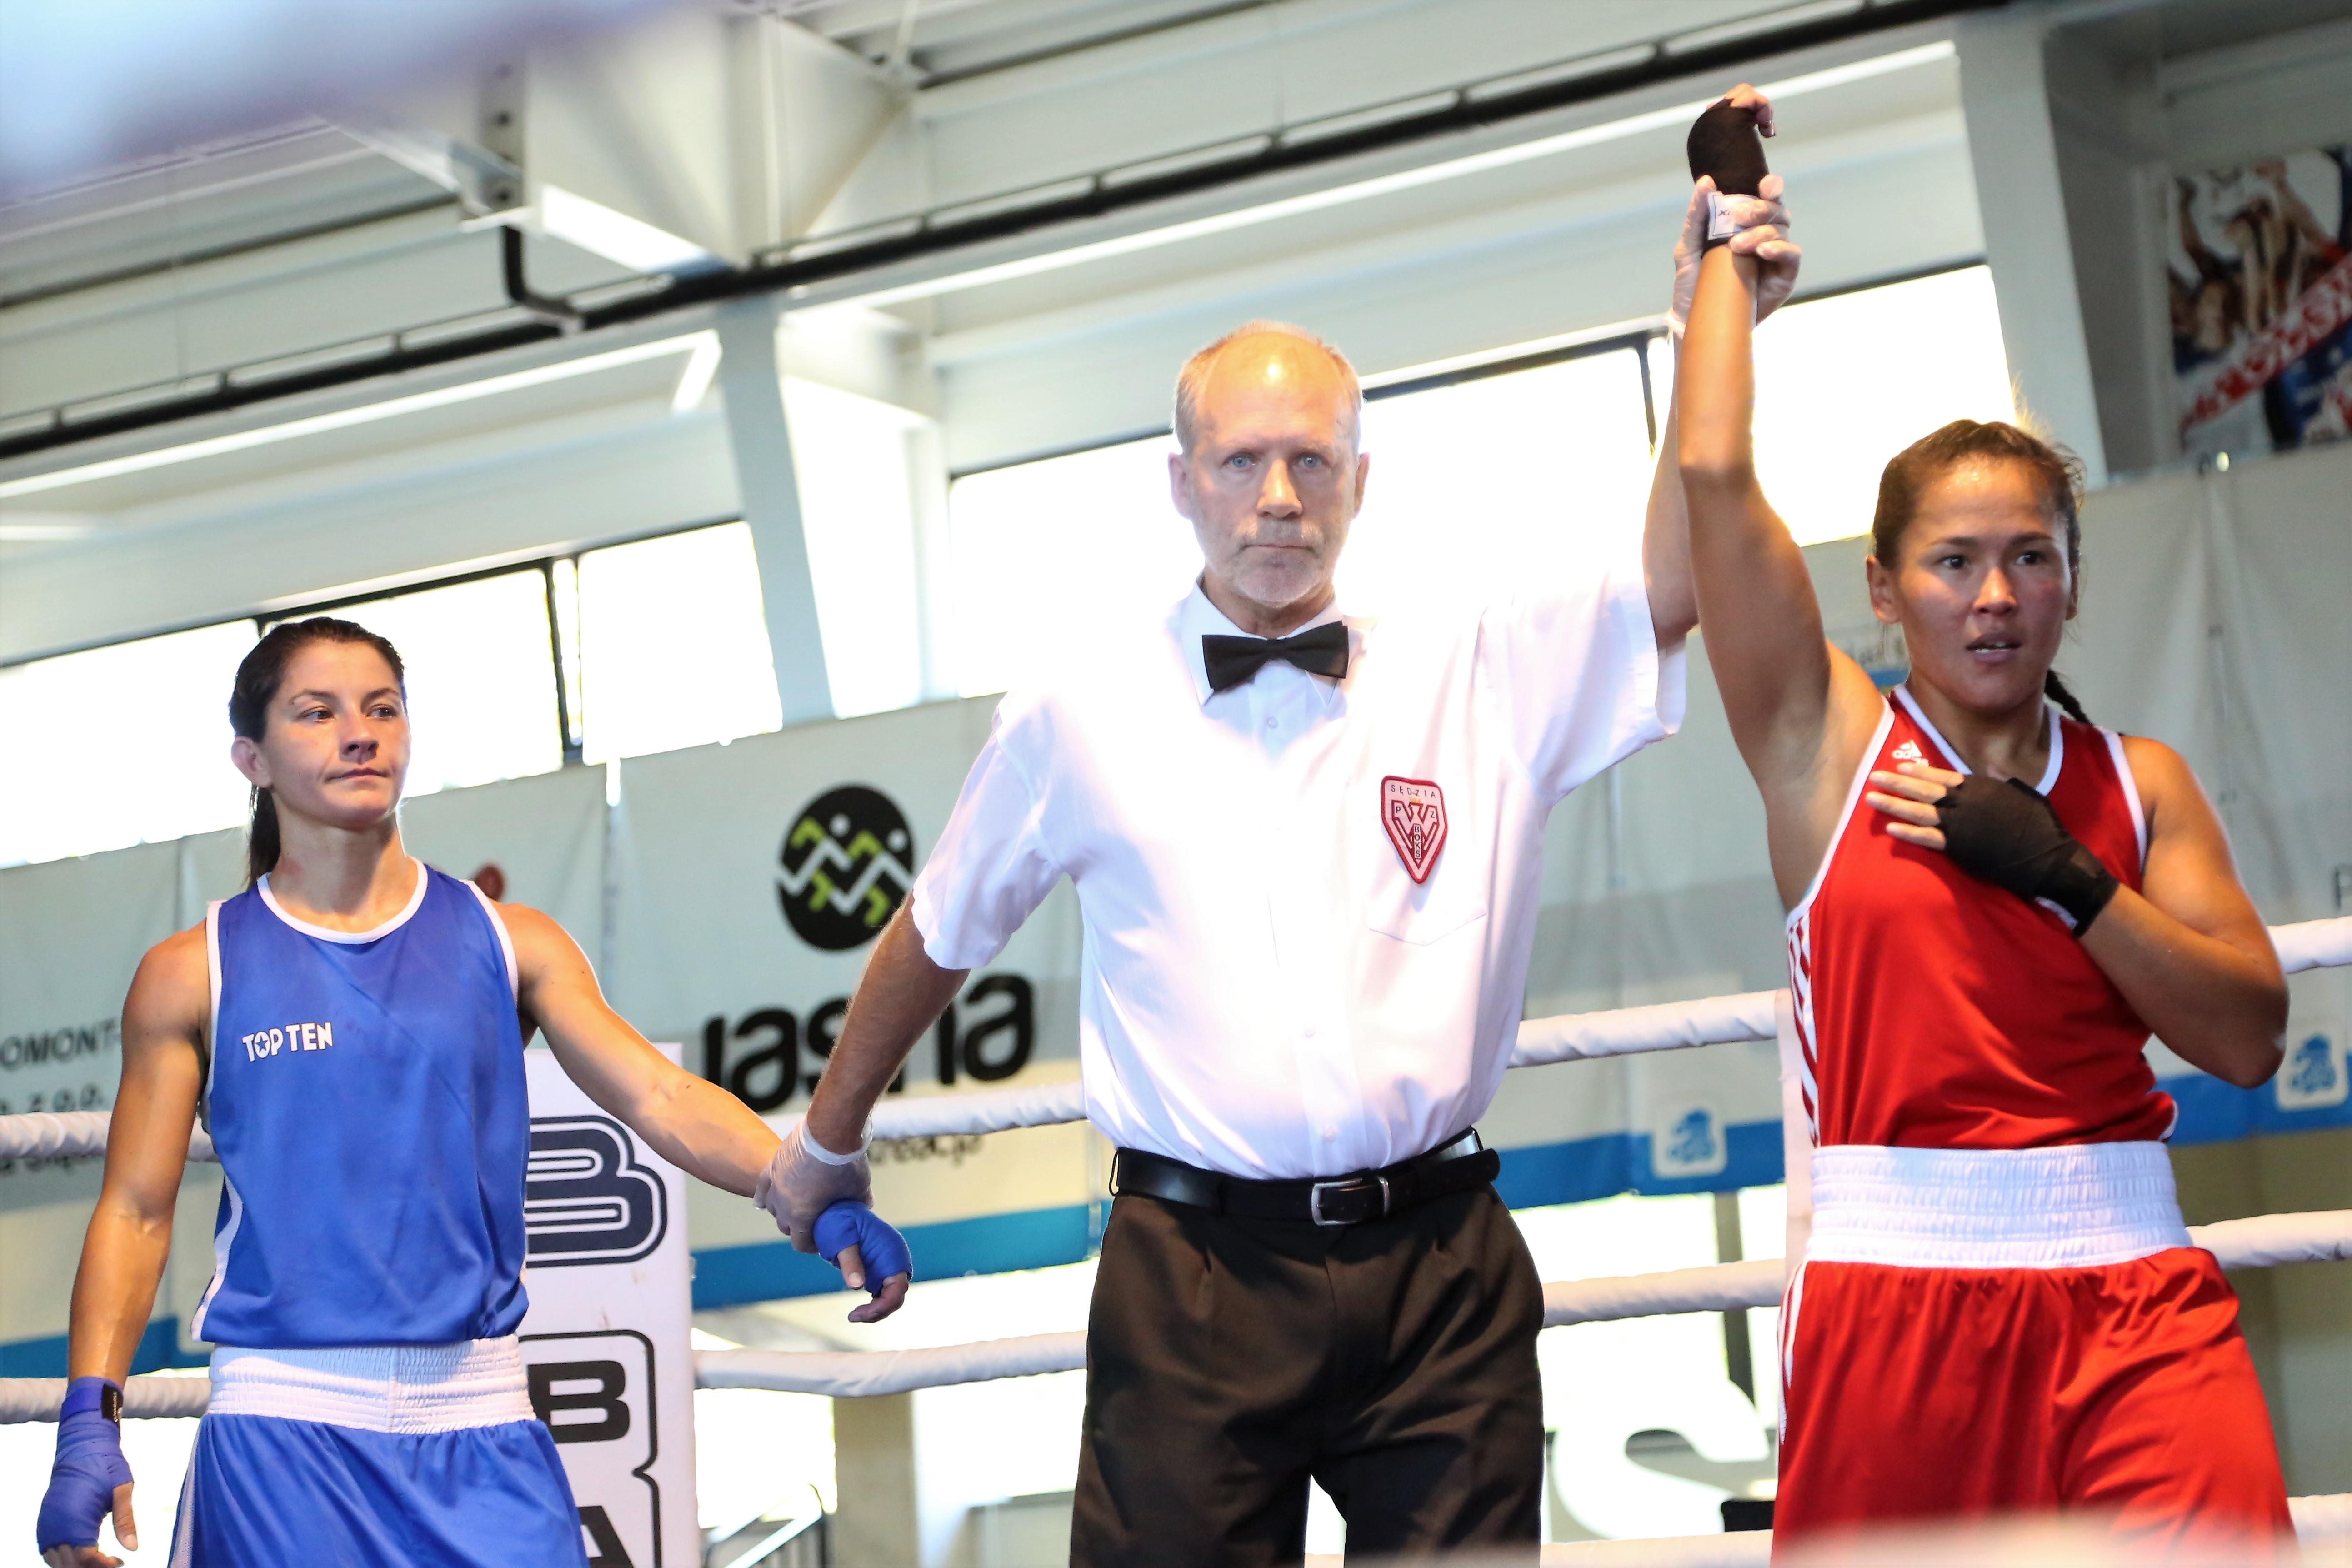 Результаты третьего дня международного женского турнира в Силезии